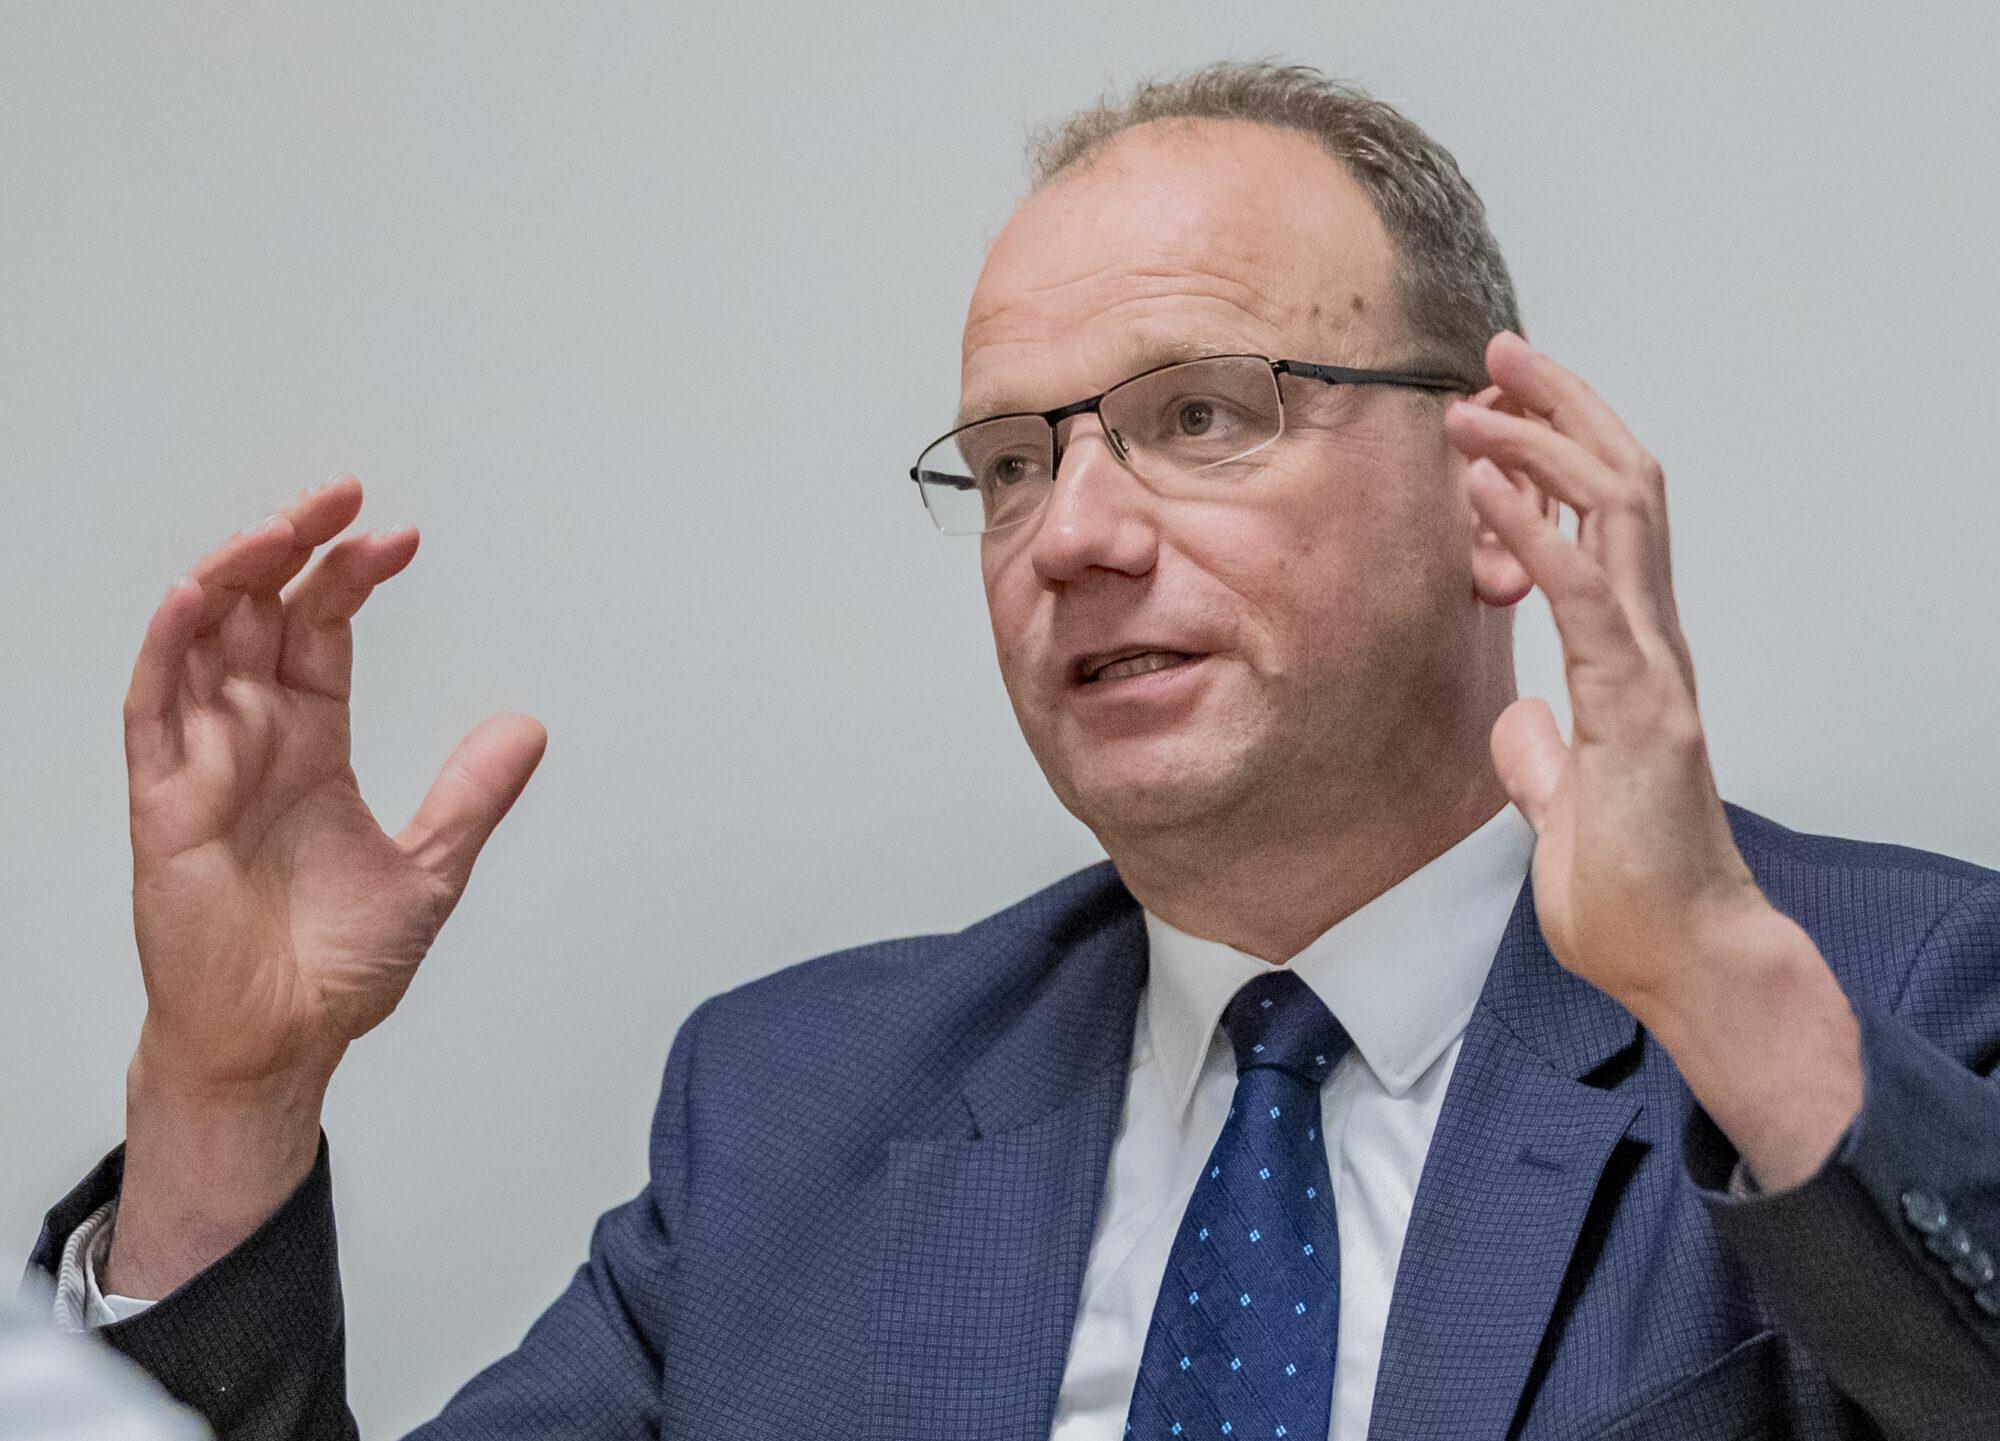 Burgemeester Ton Heerts: 'Houd vol, houd moed en houd aandacht voor elkaar'